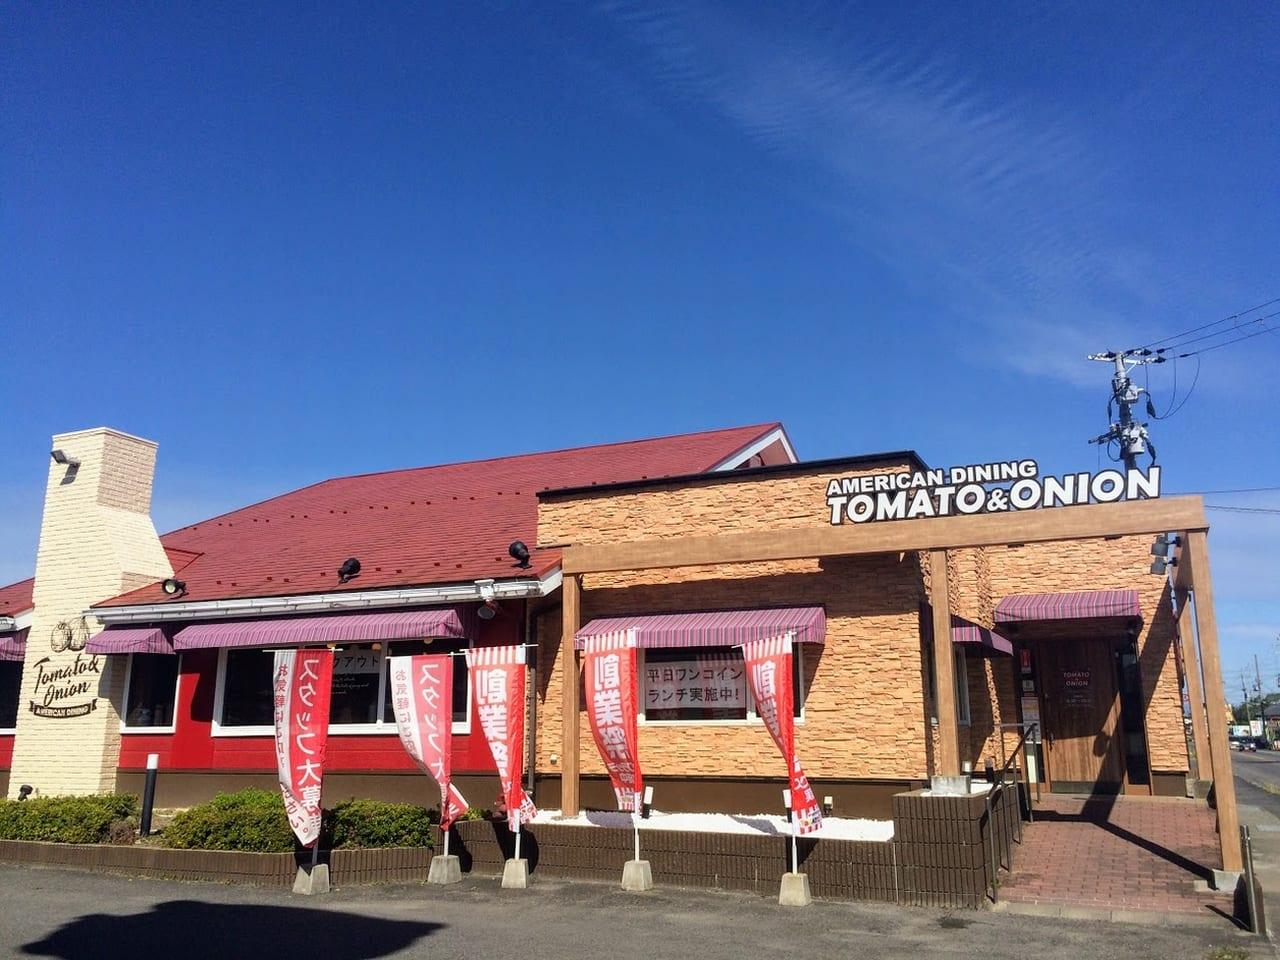 トマト&オニオン五個荘店の外観